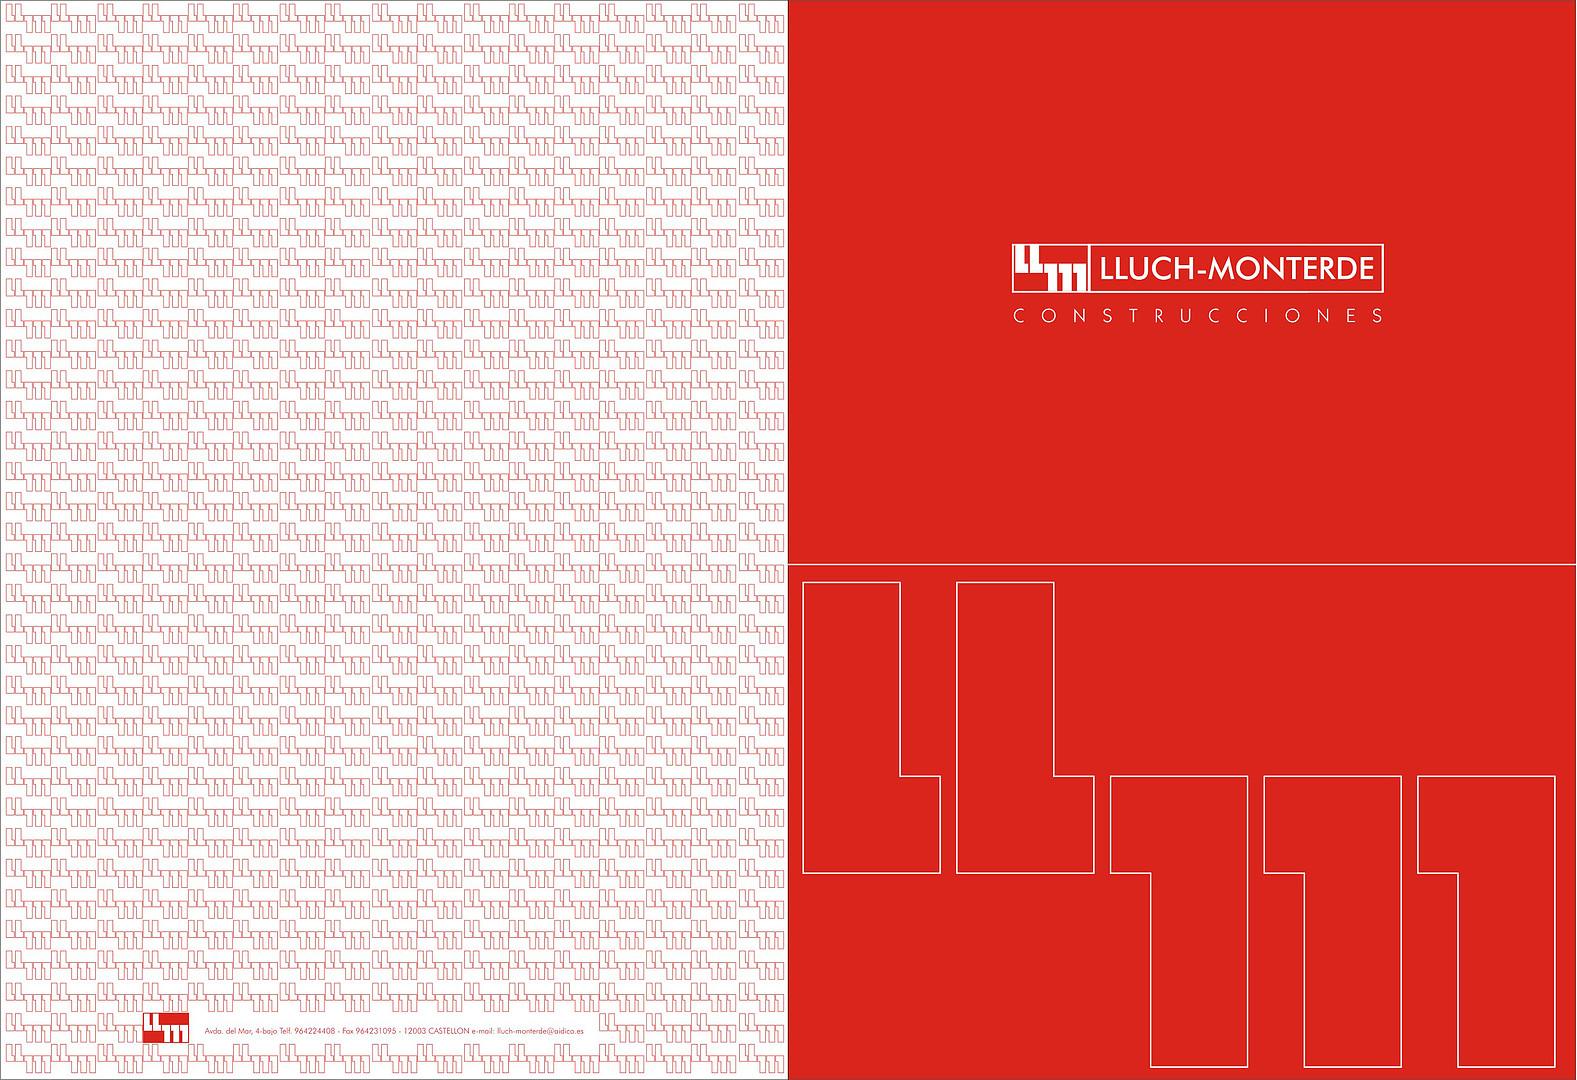 LLUCH-MONTERDE Carpeta